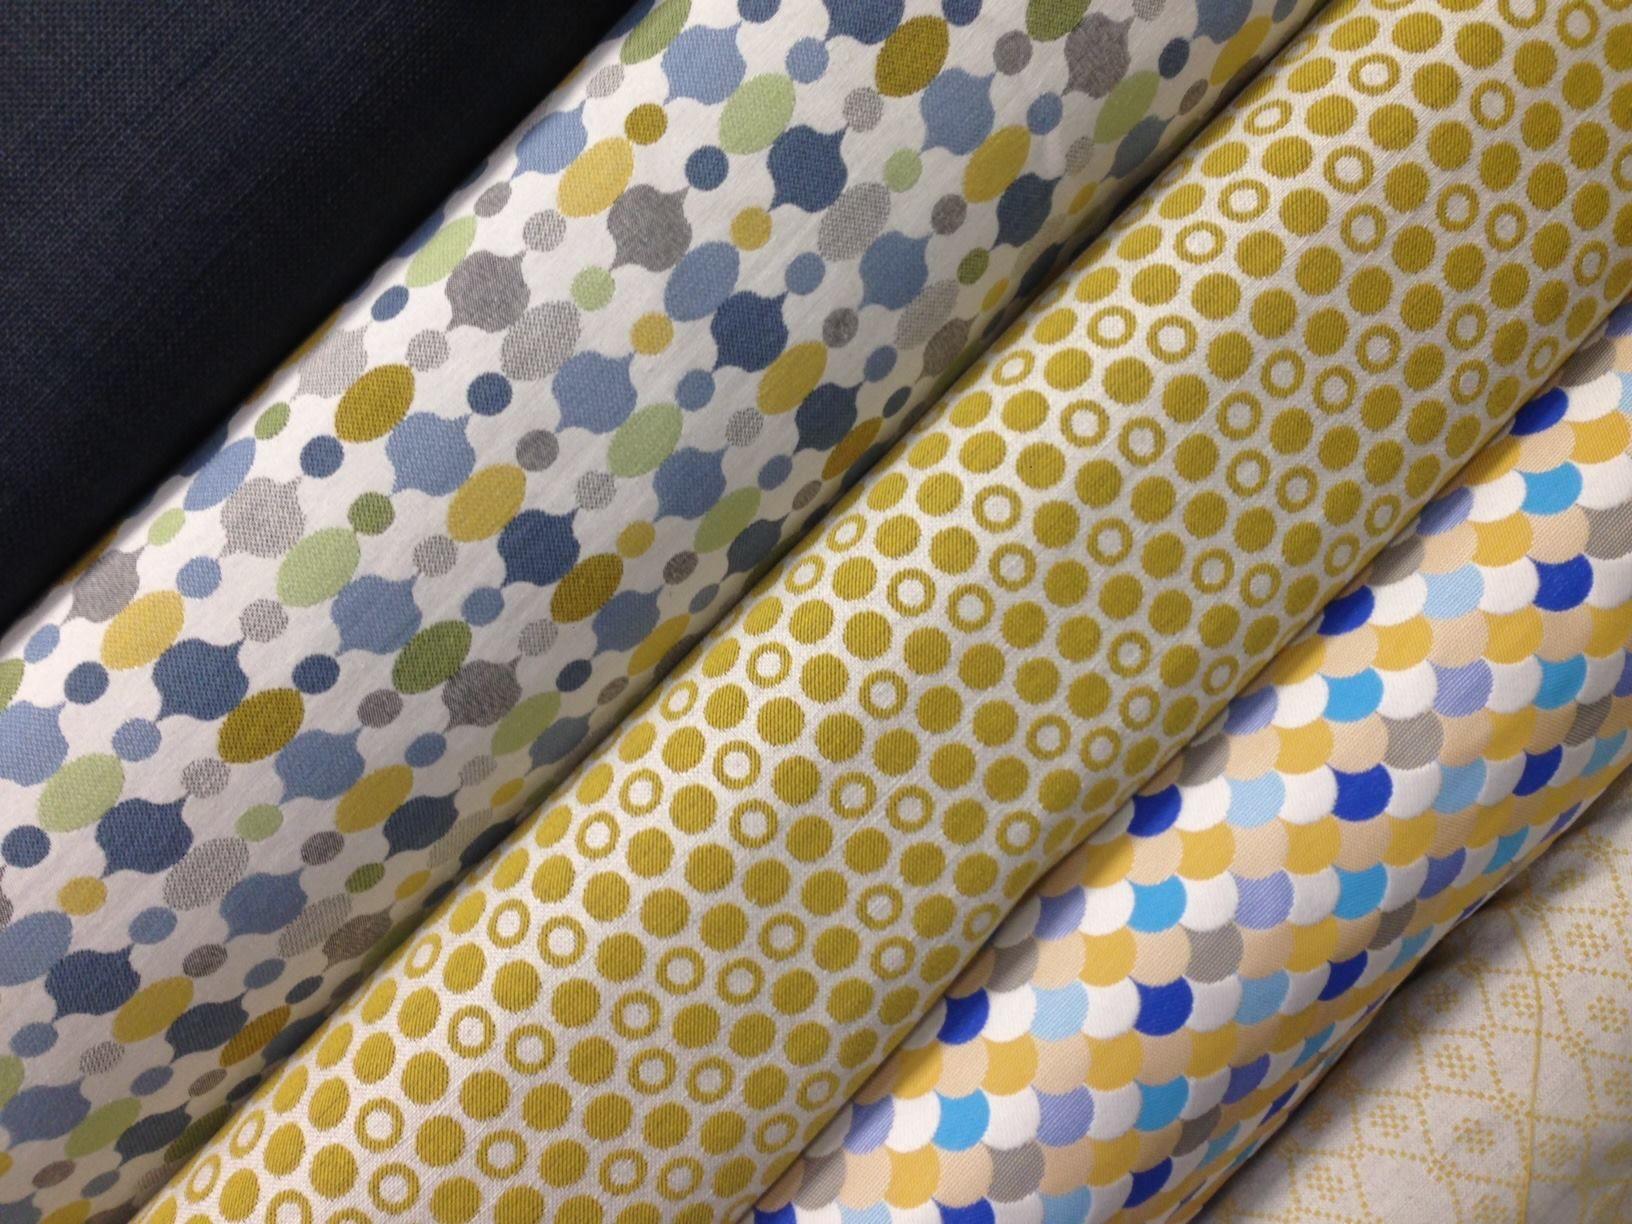 tissus jacquard d 39 ameublement pour confection de d coration int rieure graphique et color e. Black Bedroom Furniture Sets. Home Design Ideas